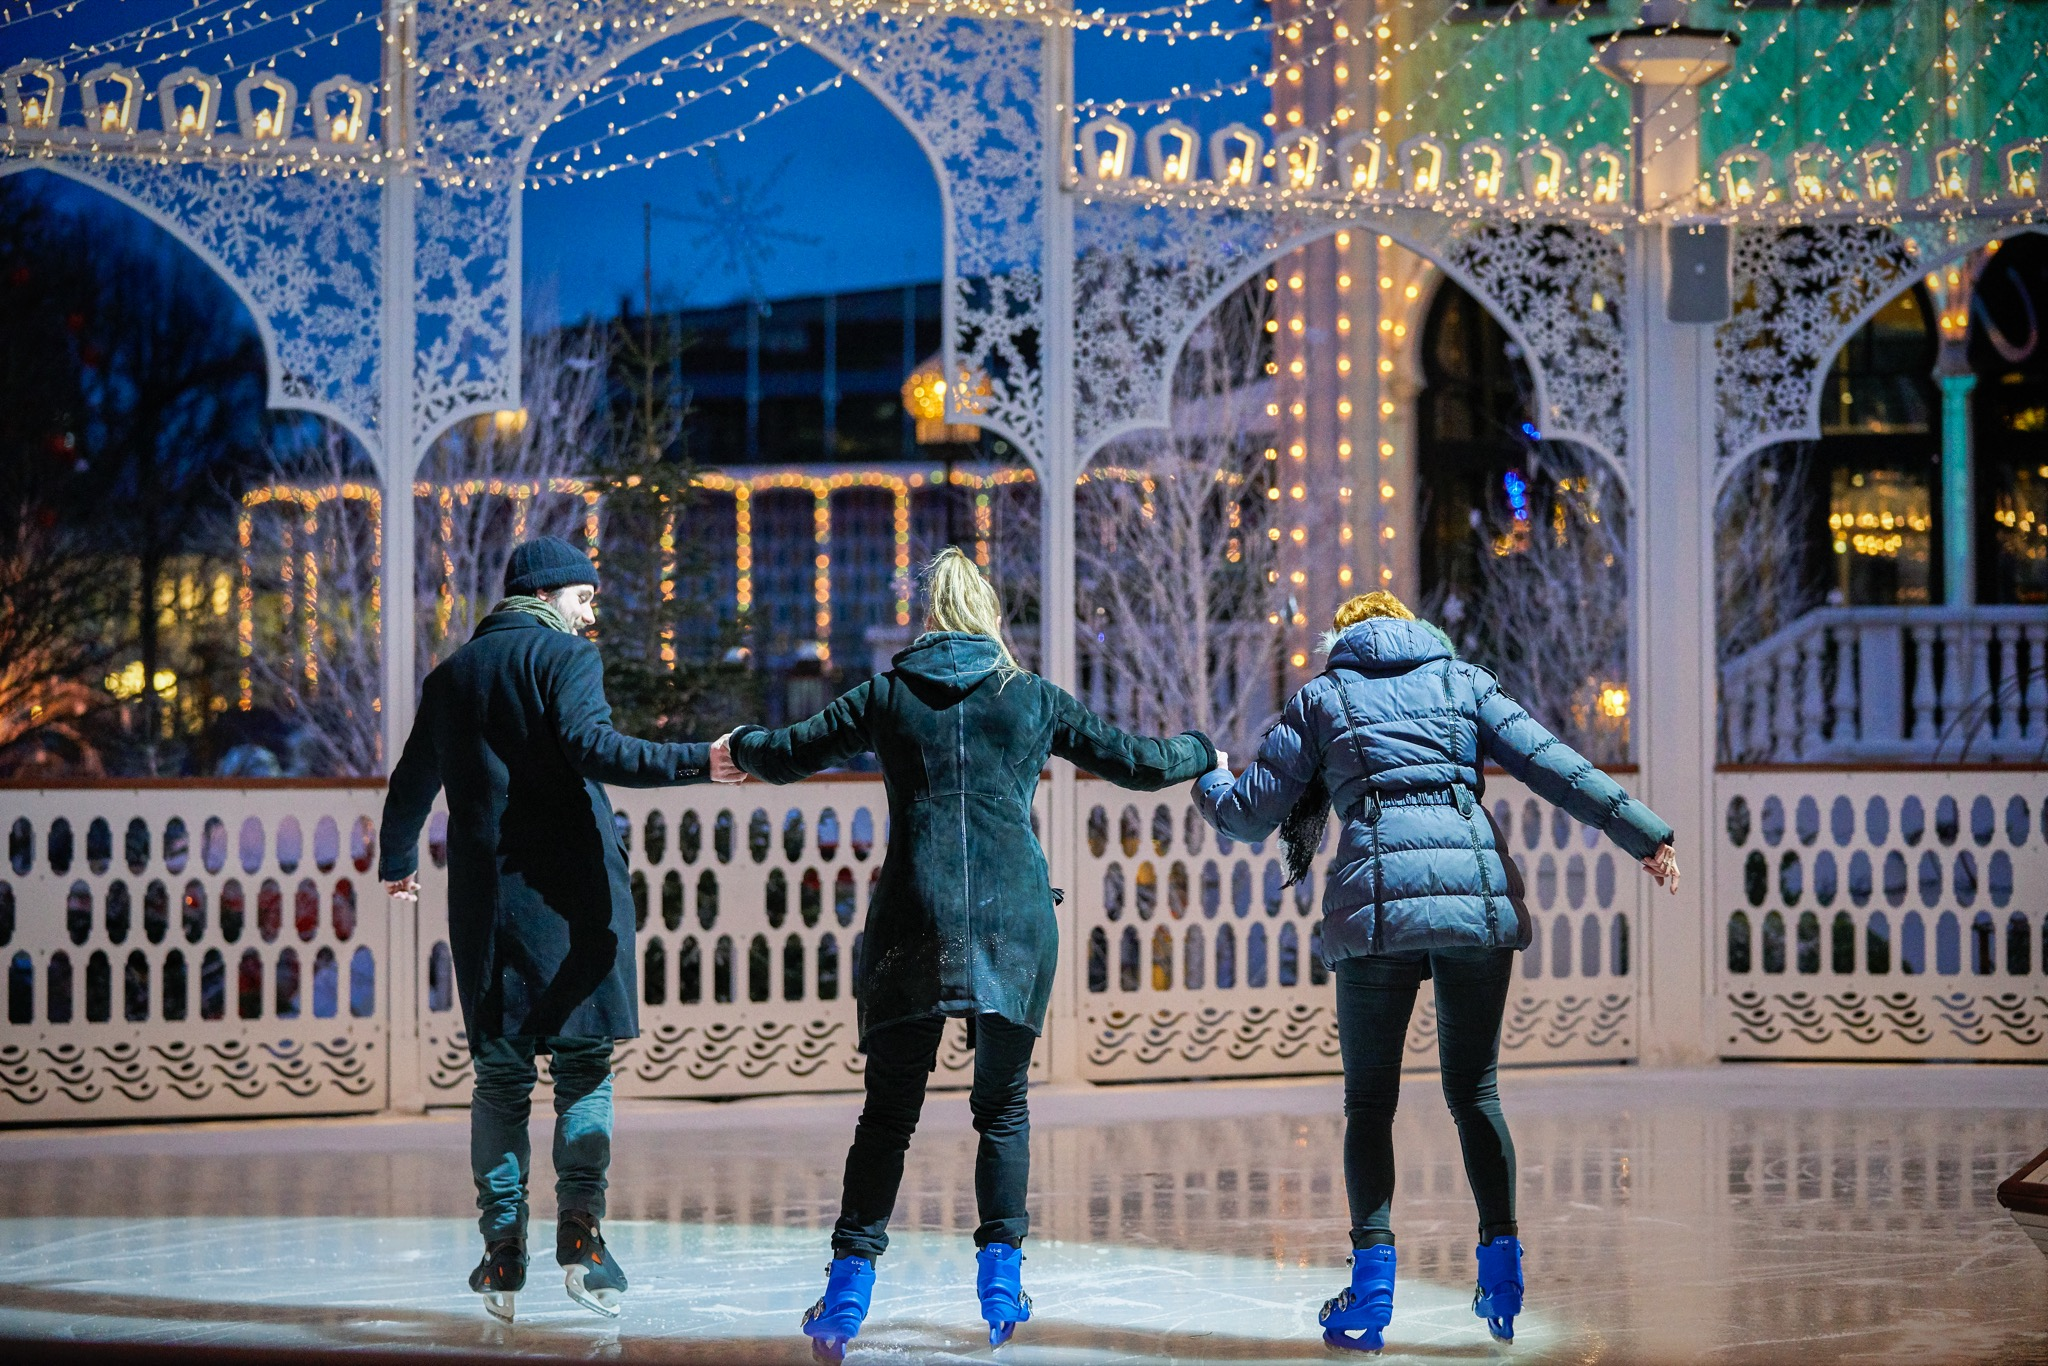 Fra 31. januar til 23. februar er der atter Vinter i Tivoli. Blandt tilbuddene er en store skøjtebane foran Nimb-bygningen. Pressefoto fra Tivoli: Lasse Salling.